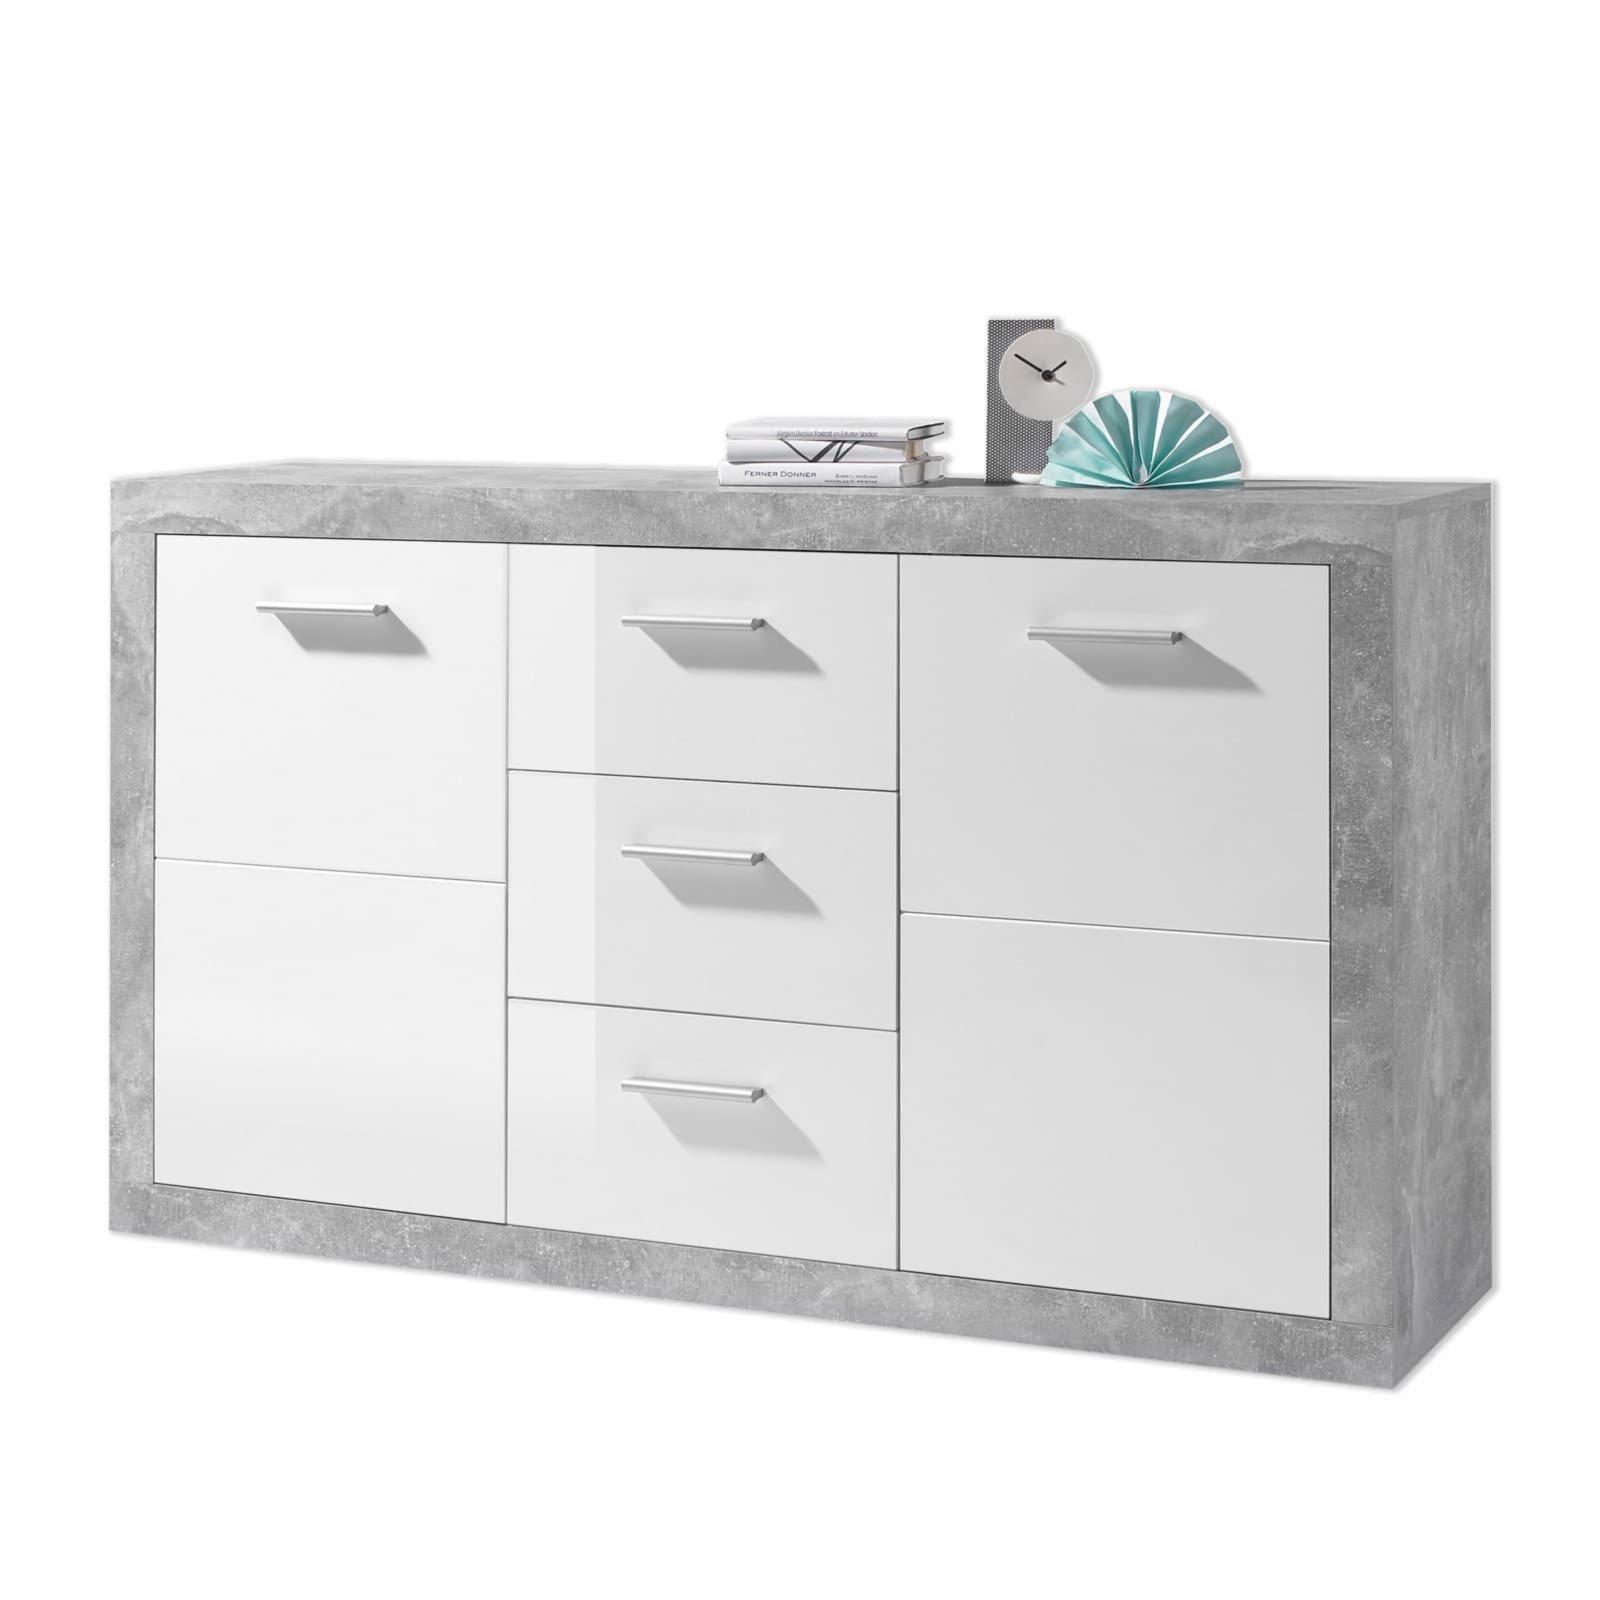 sideboard stone beton optik wei 147 cm breit kommoden sideboards m bel roller. Black Bedroom Furniture Sets. Home Design Ideas